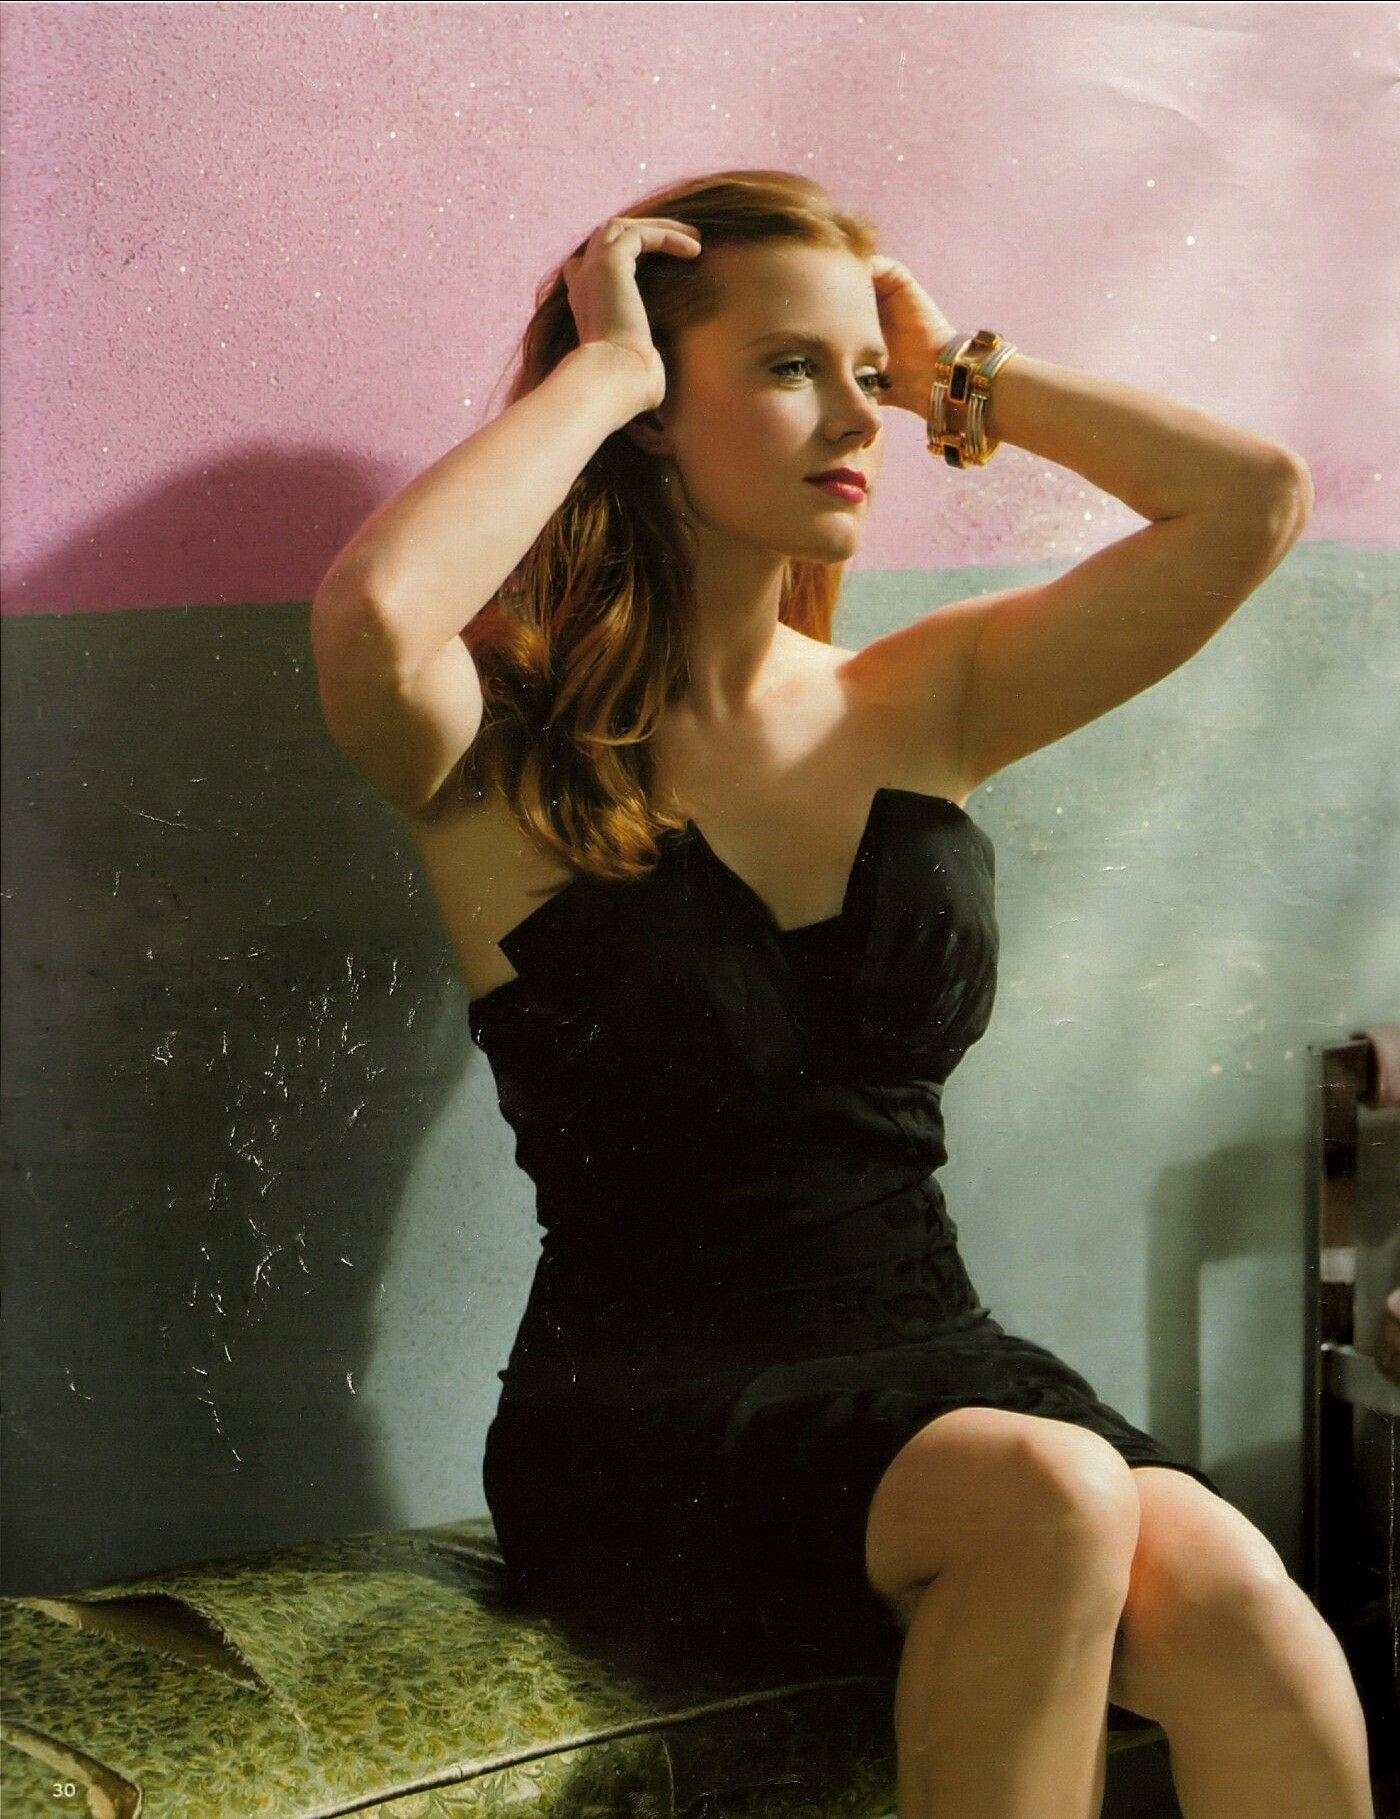 エイミー・アダムスの画像 p1_6